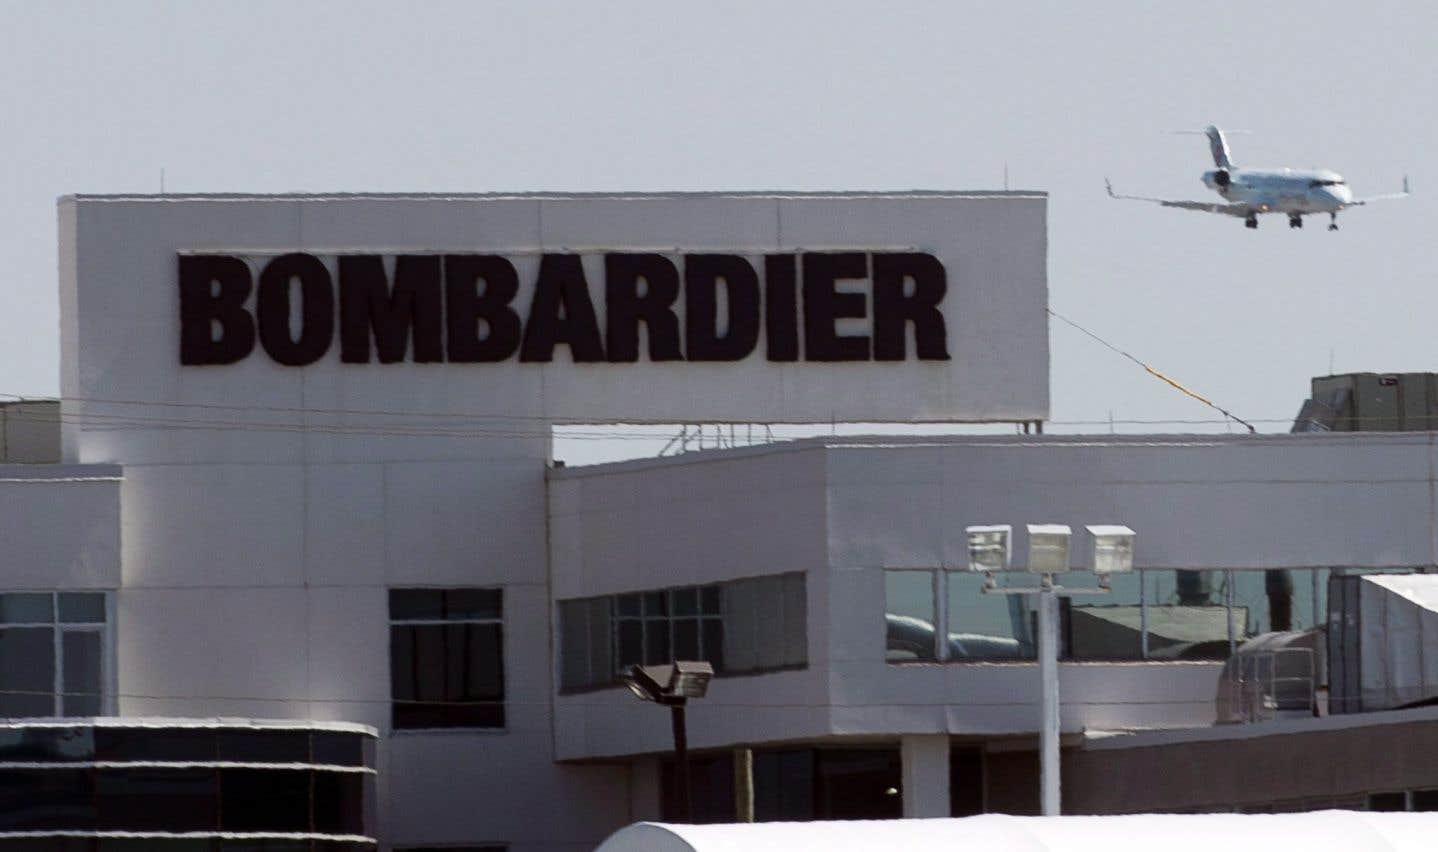 L'avionneur québécois faisait valoir que la portée de l'avion E190-E2 d'Embraer lui permet d'être considéré comme un concurrent à la CSeries.